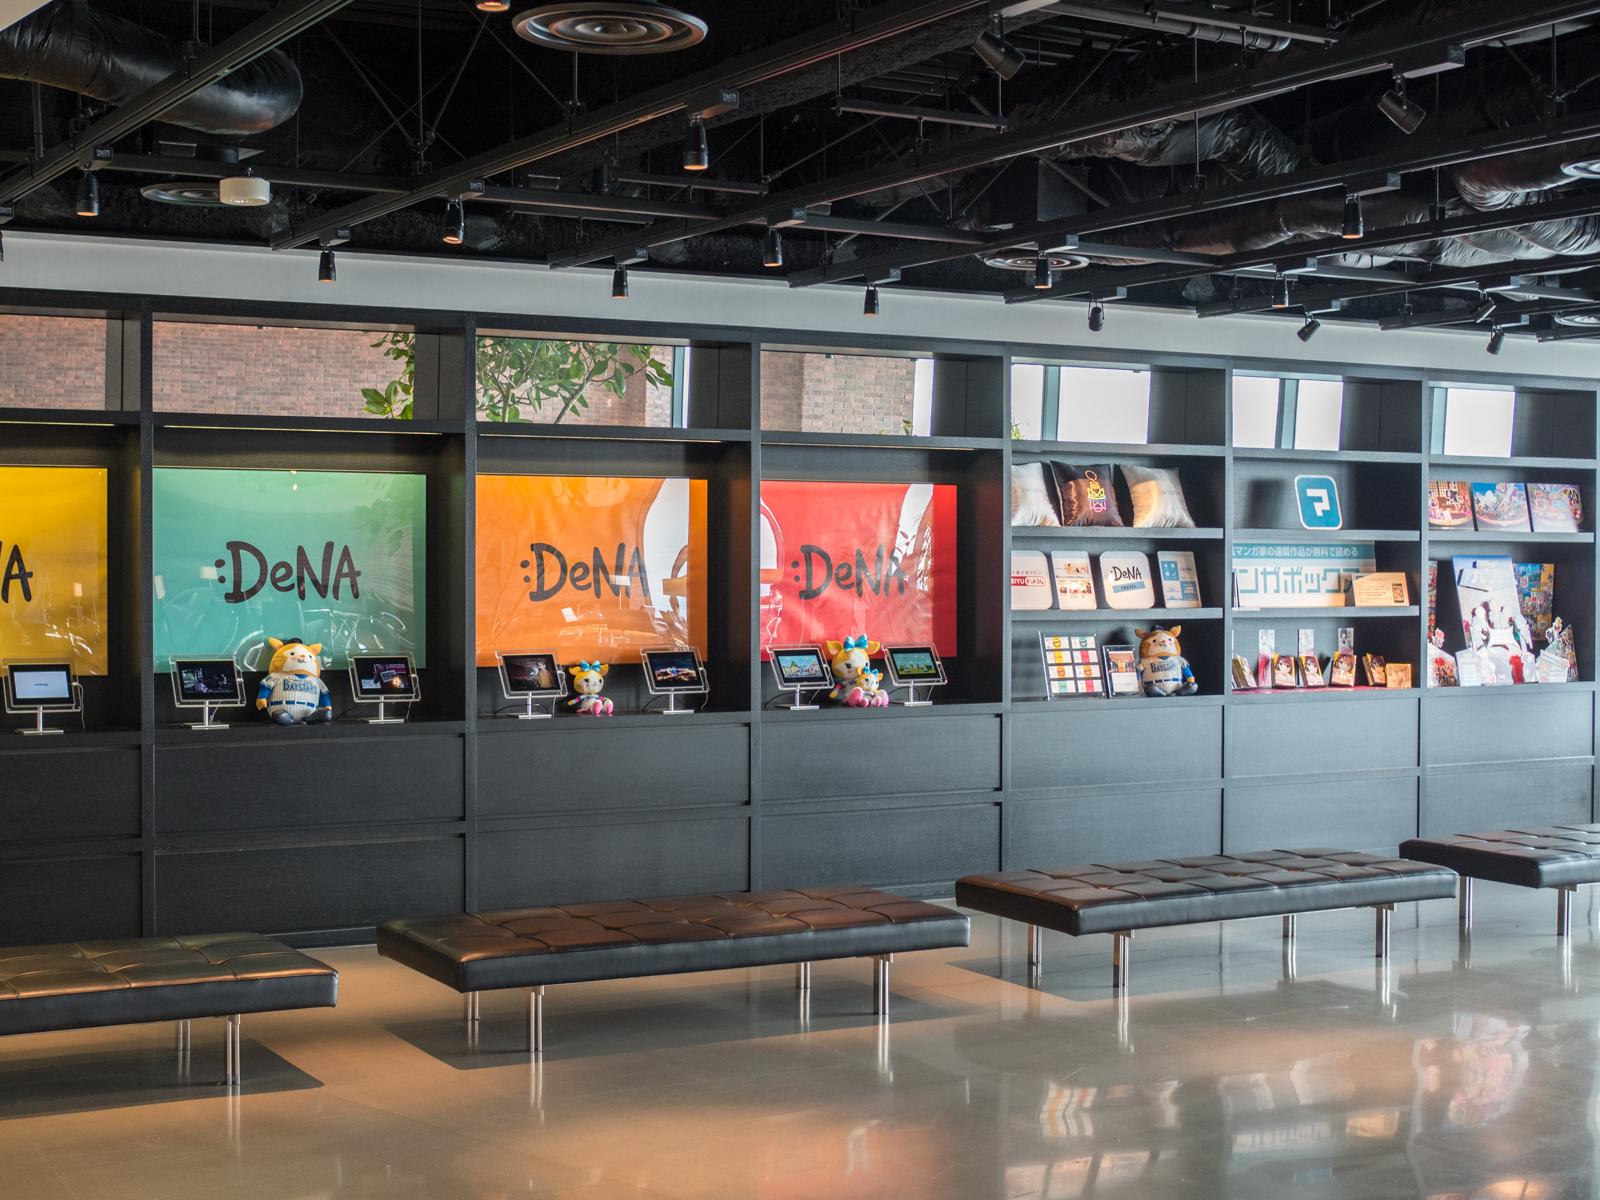 The lobby of DeNA's Tokyo headquarters.